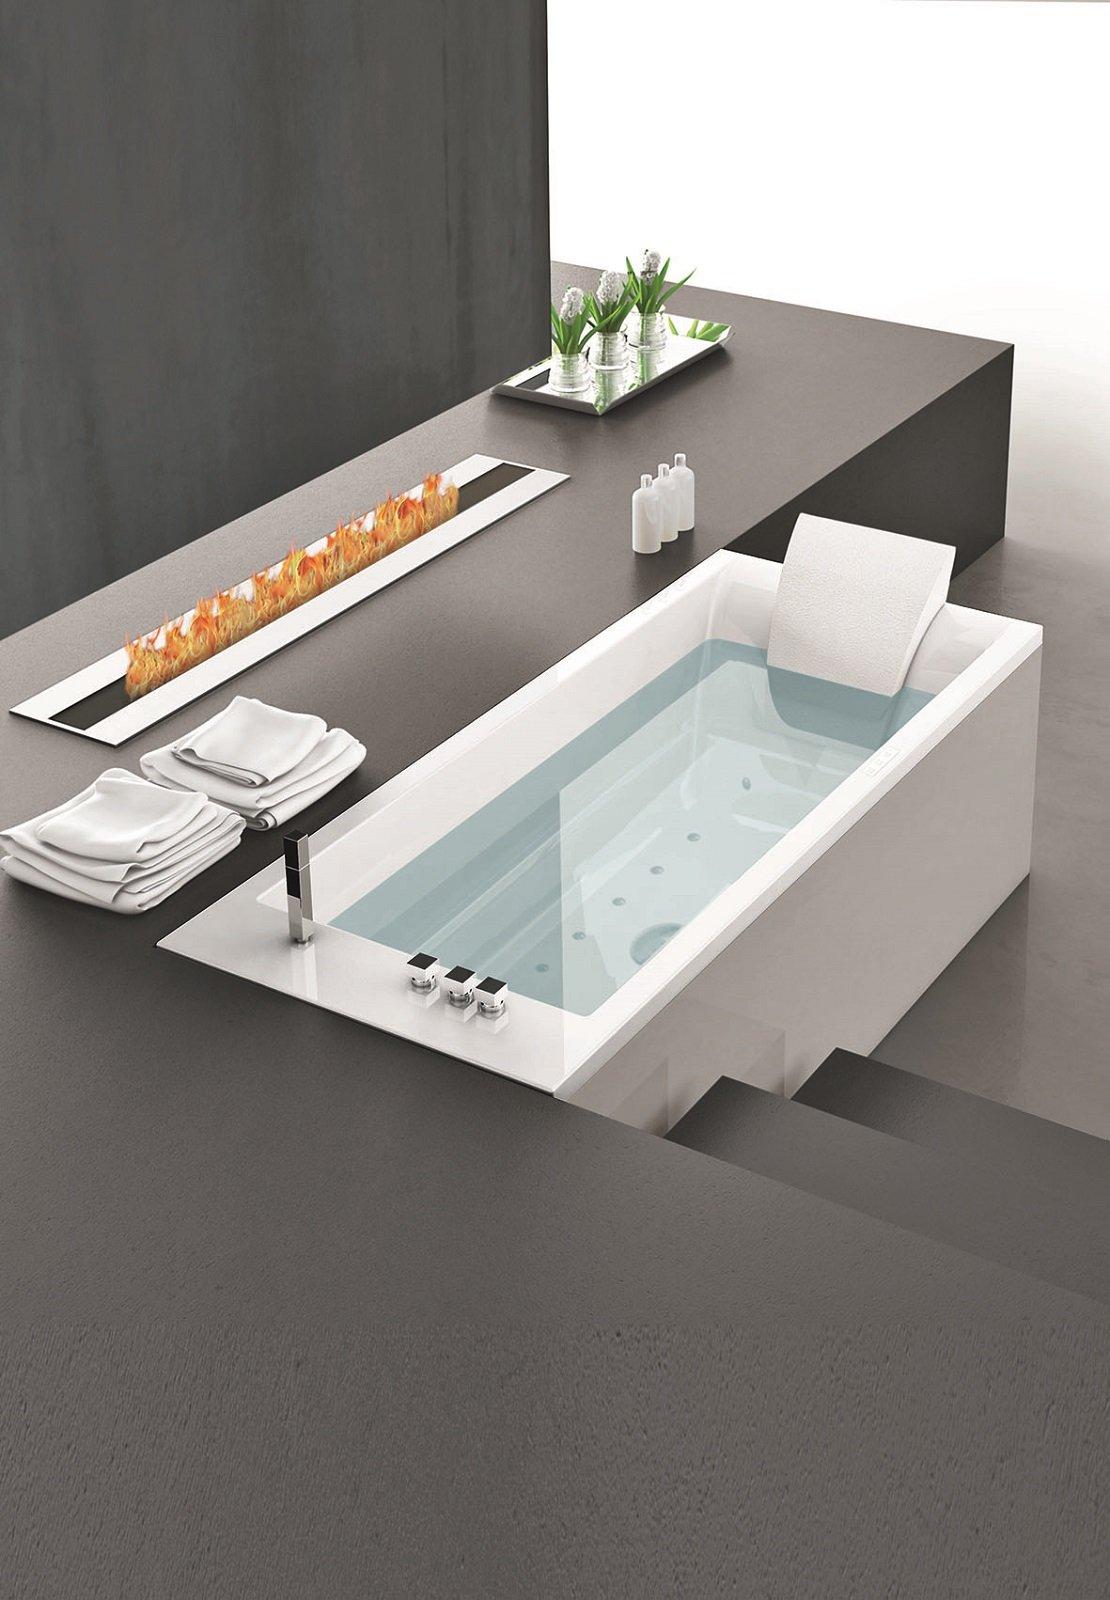 Vasca Da Bagno Misure Standard vasche di misura standard, incasso o freestanding, con